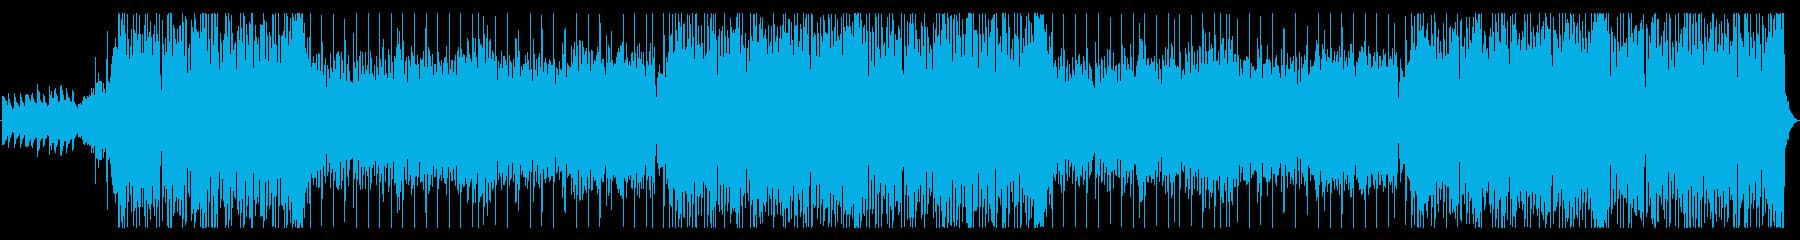 【ハロウィン】怪しげな仮想パーティSKAの再生済みの波形